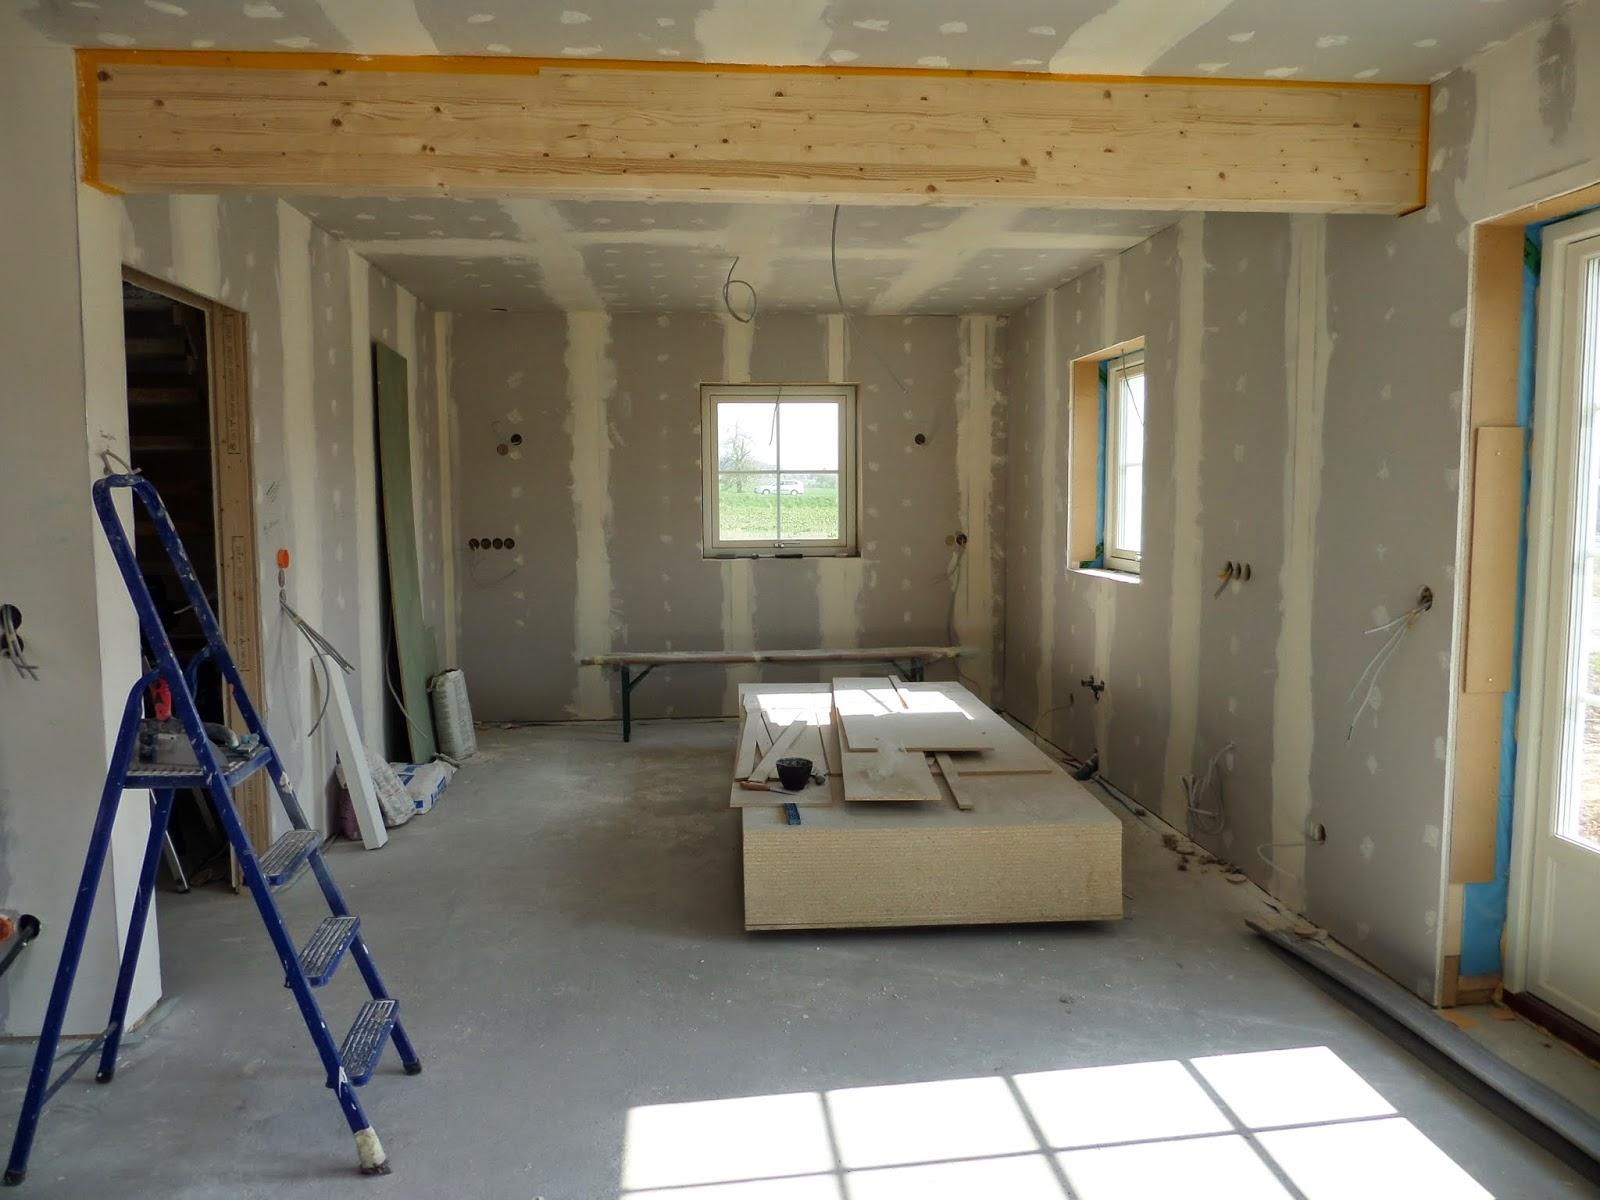 kleine lotta unser schwedenhaus geschlossene w nde und. Black Bedroom Furniture Sets. Home Design Ideas